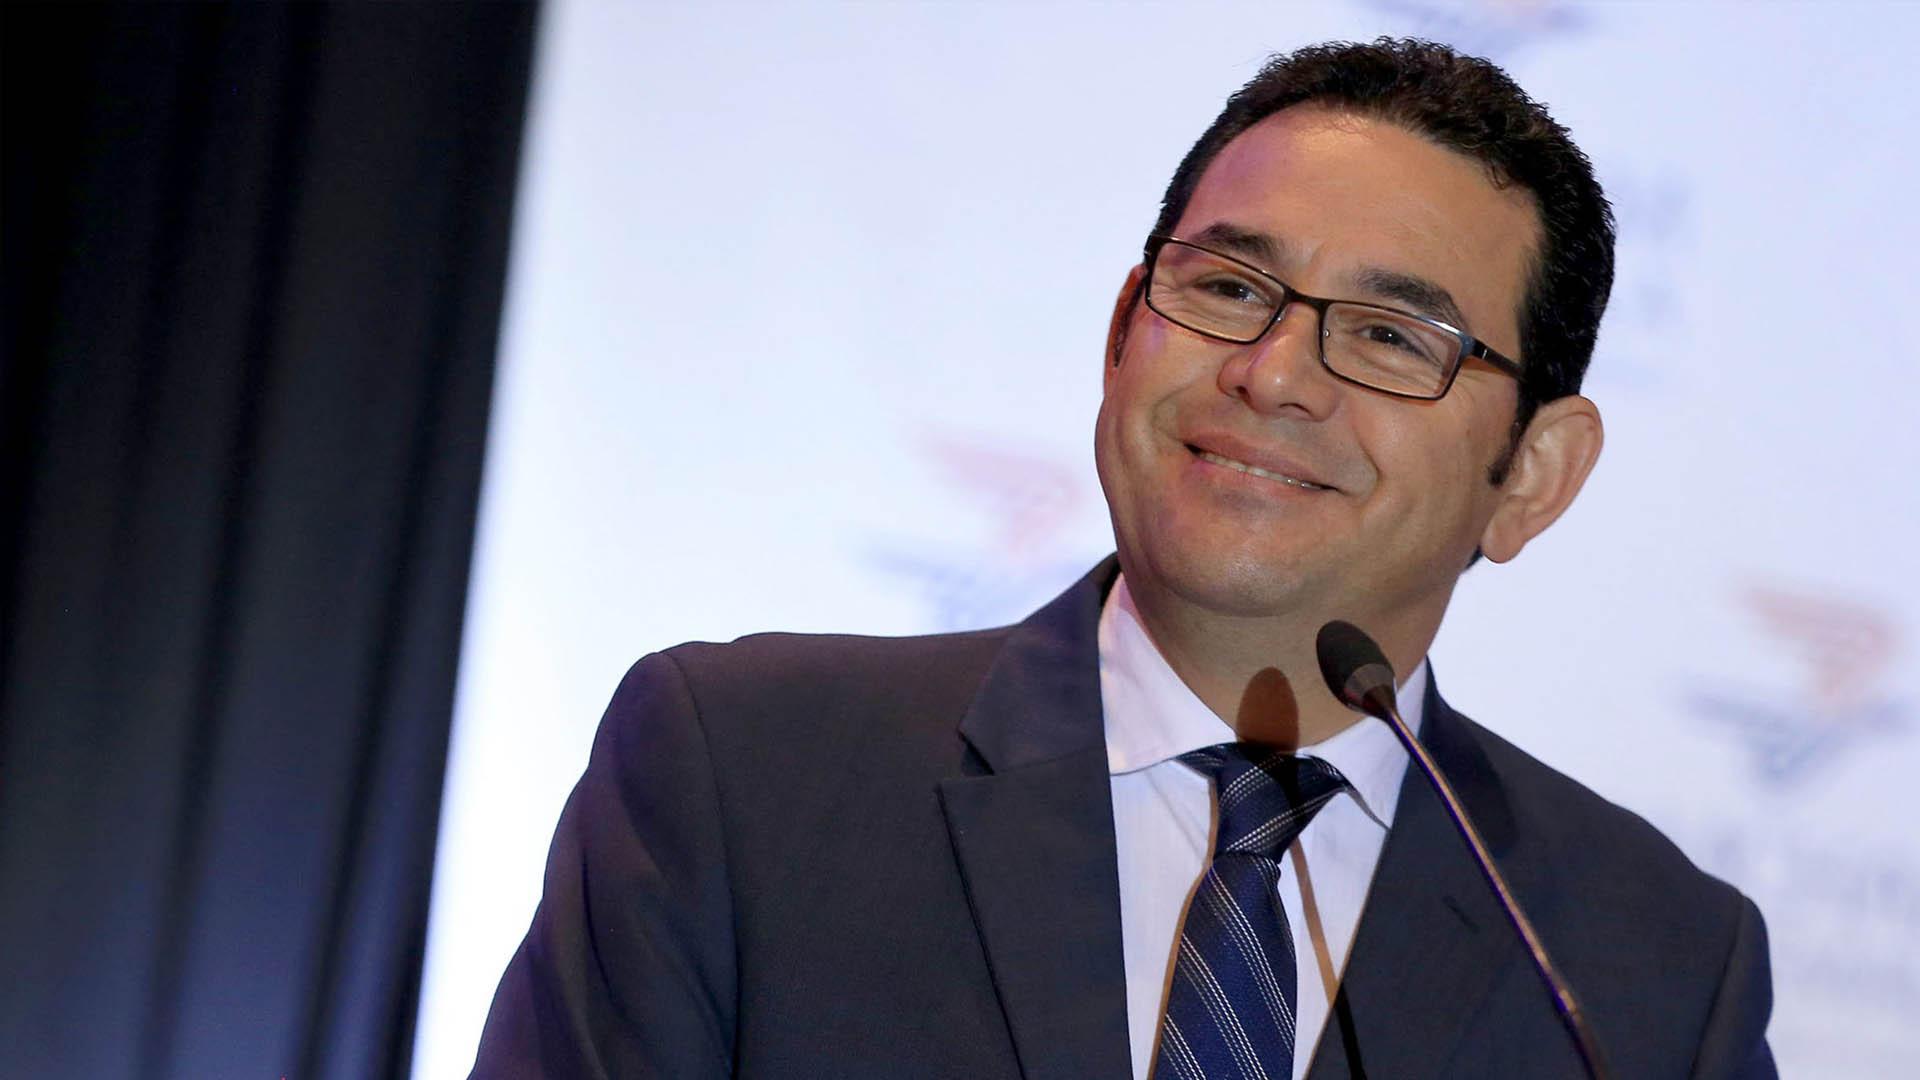 Jimmy Morales anunció que será parte de la XXV Cumbre Iberoamericana de Jefes de Estado y de Gobierno a celebrarse en Colombia